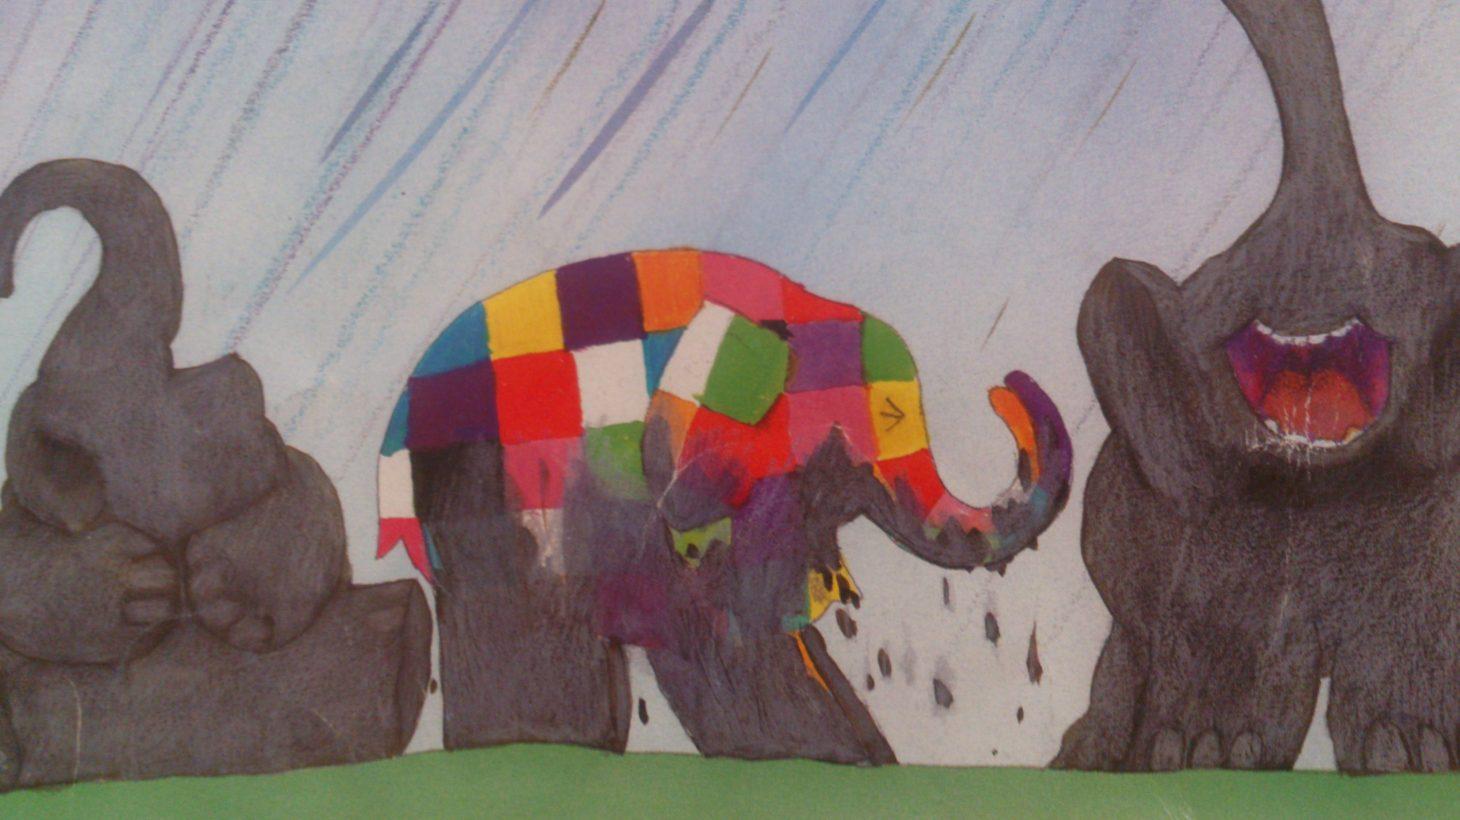 Tecknade elefanter.